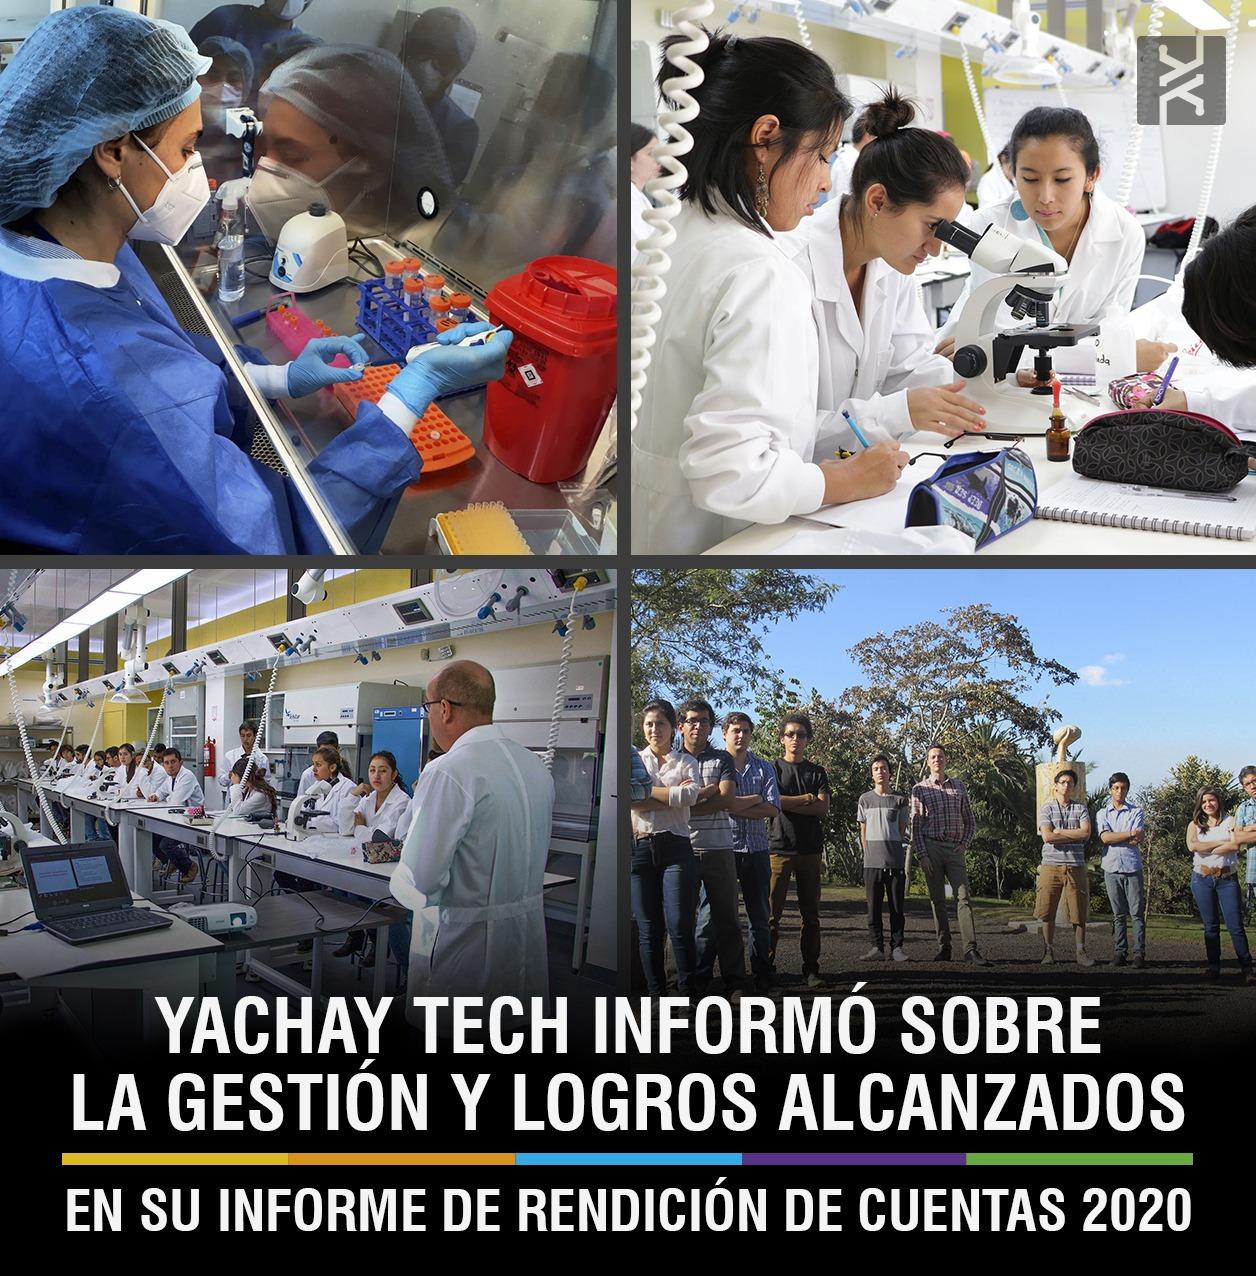 YACHAY TECH INFORMÓ SOBRE LA GESTIÓN Y LOGROS ALCANZADOS EN SU INFORME DE RENDICIÓN DE CUENTAS 2020